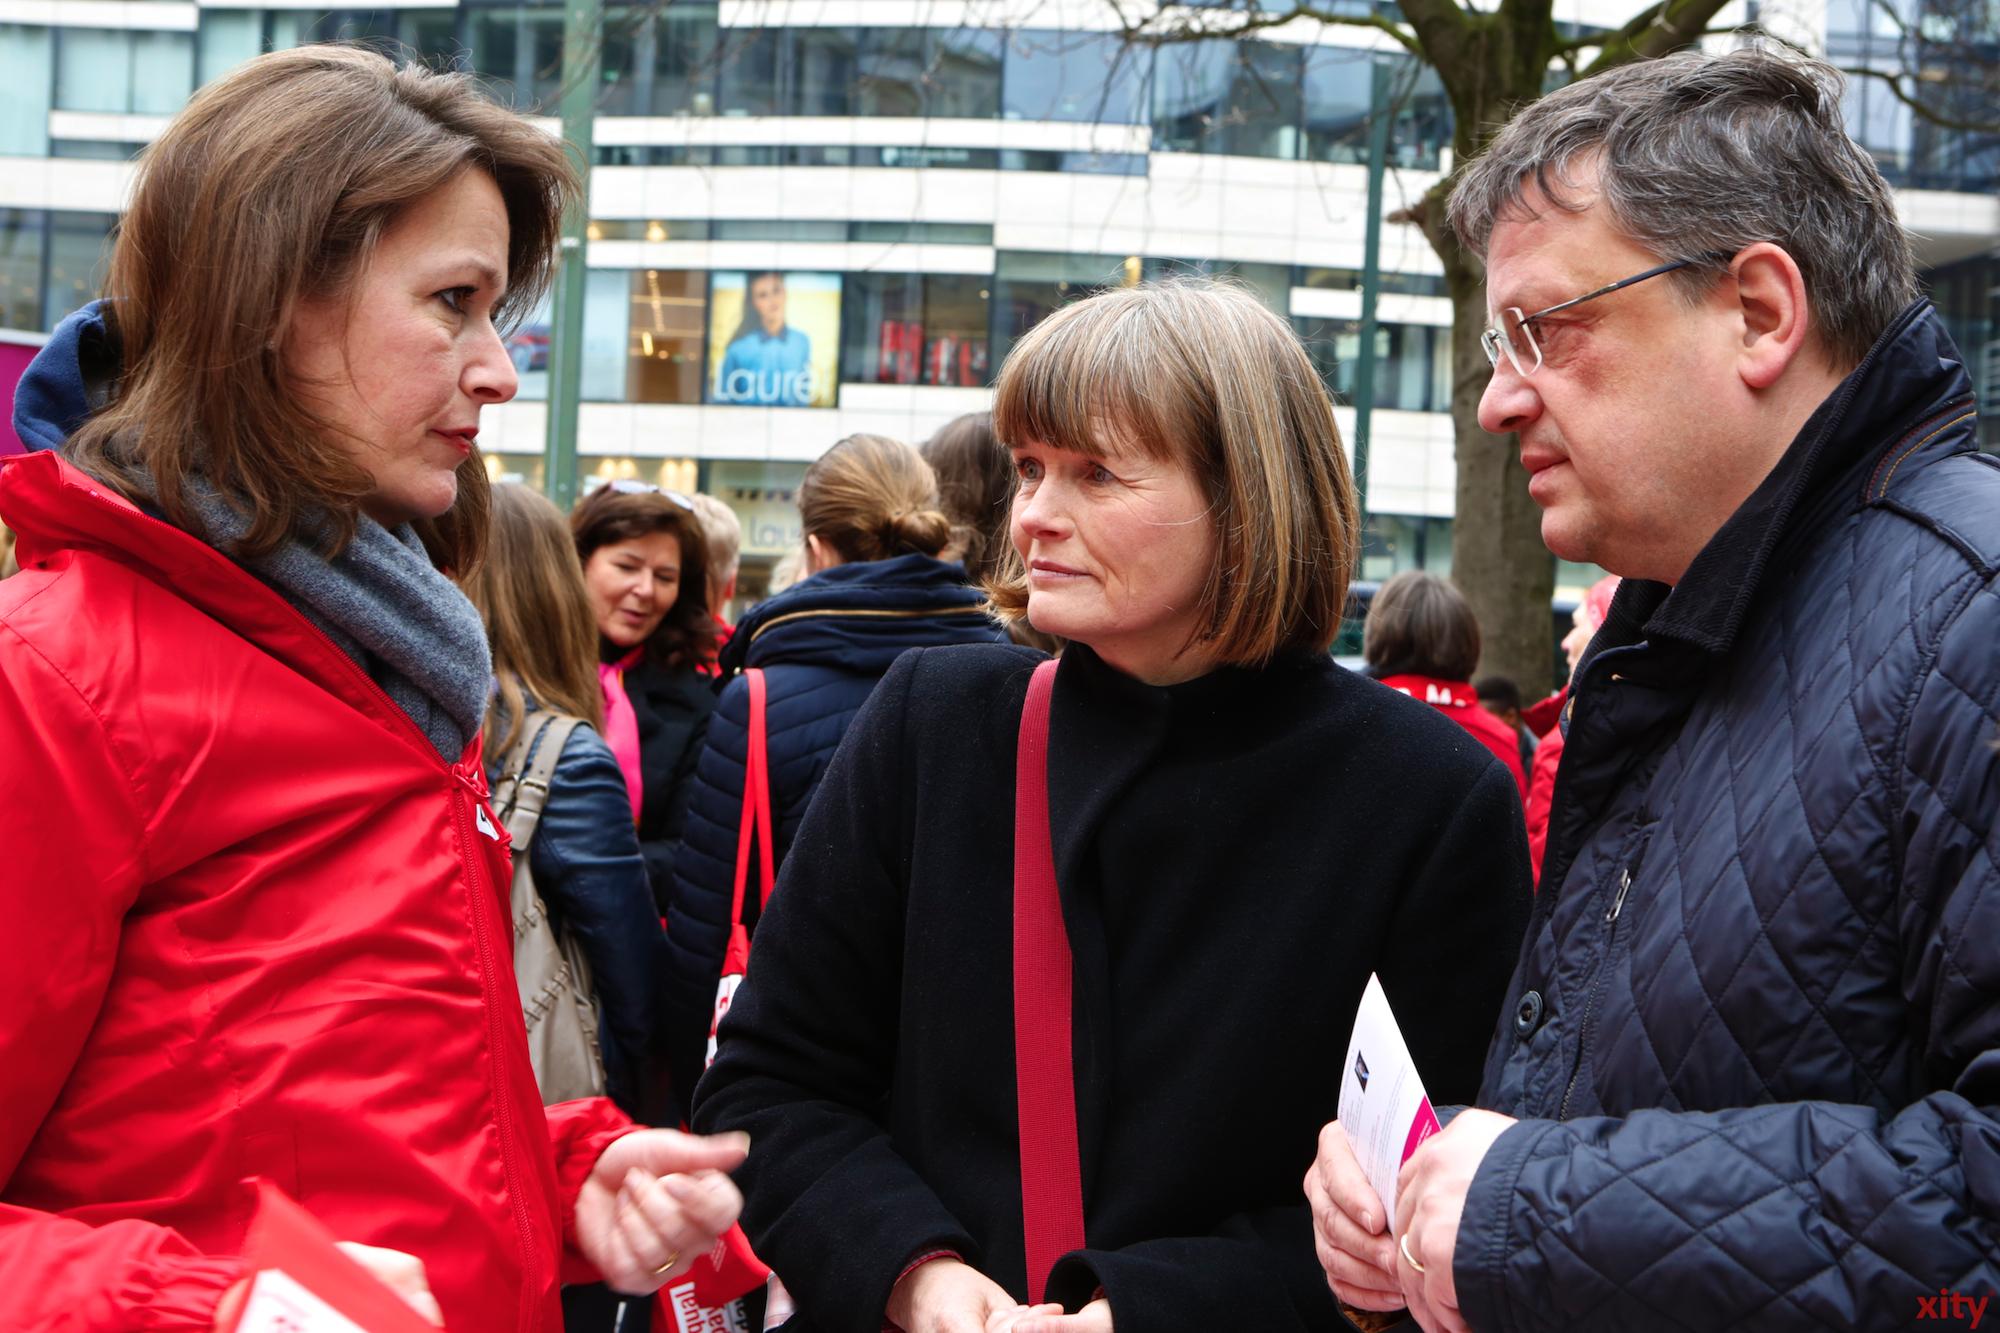 Auch Andreas Rimkus (r.) setzte sich für die Gleichberechtigung ein(Foto: xity)